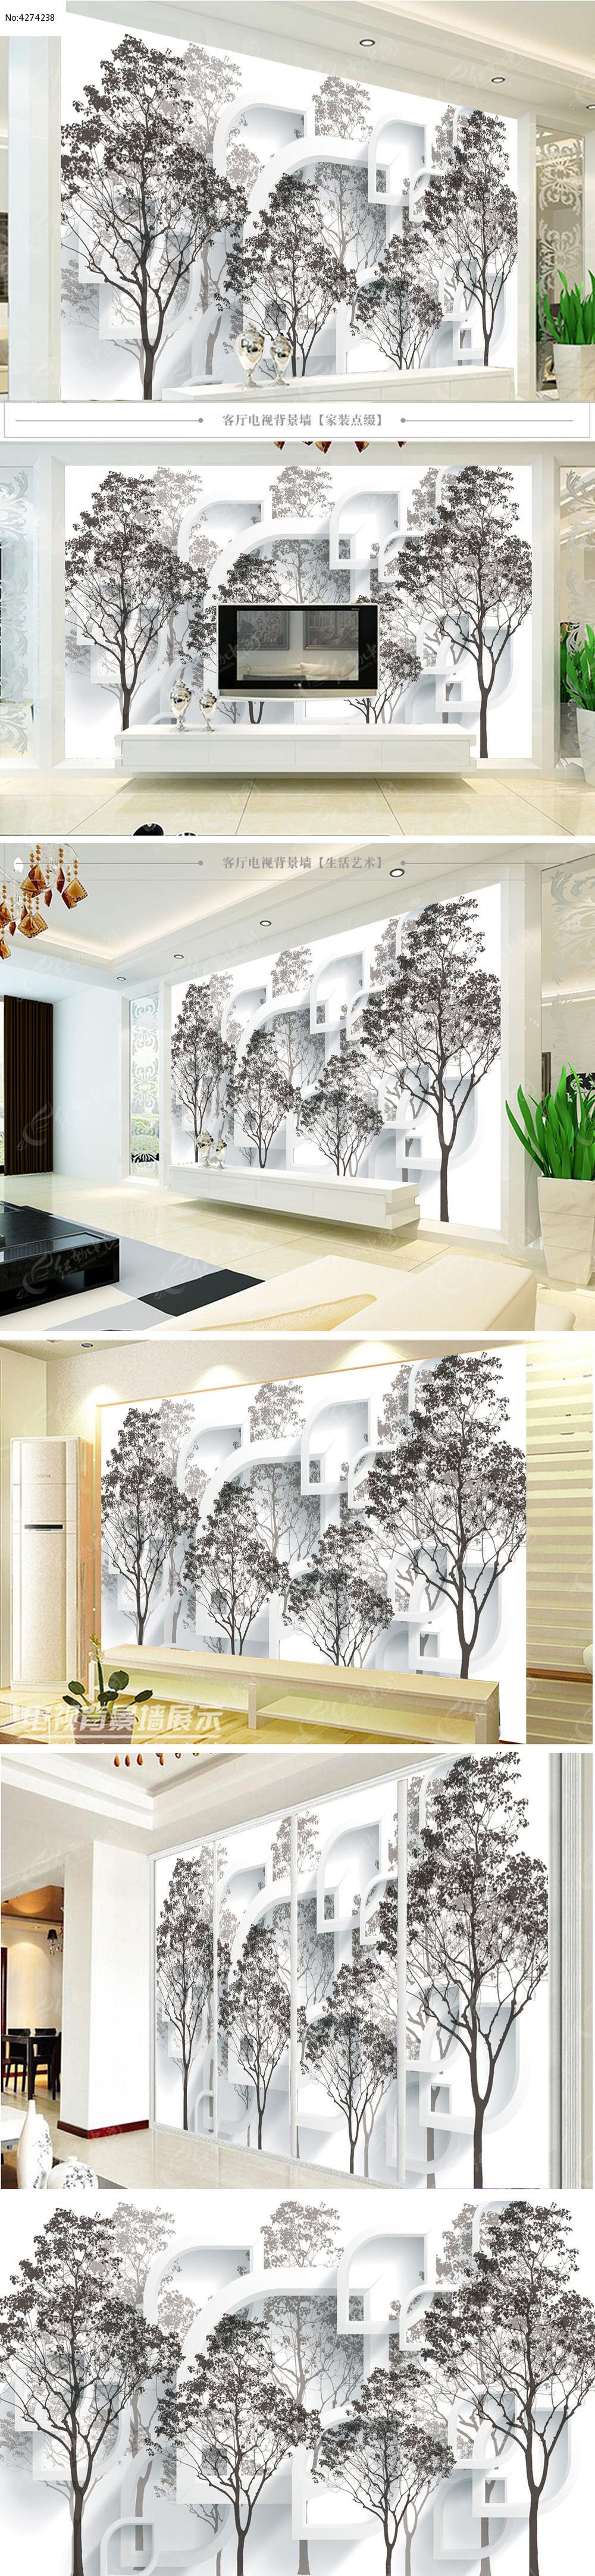 手绘黑白3d抽象树电视背景墙